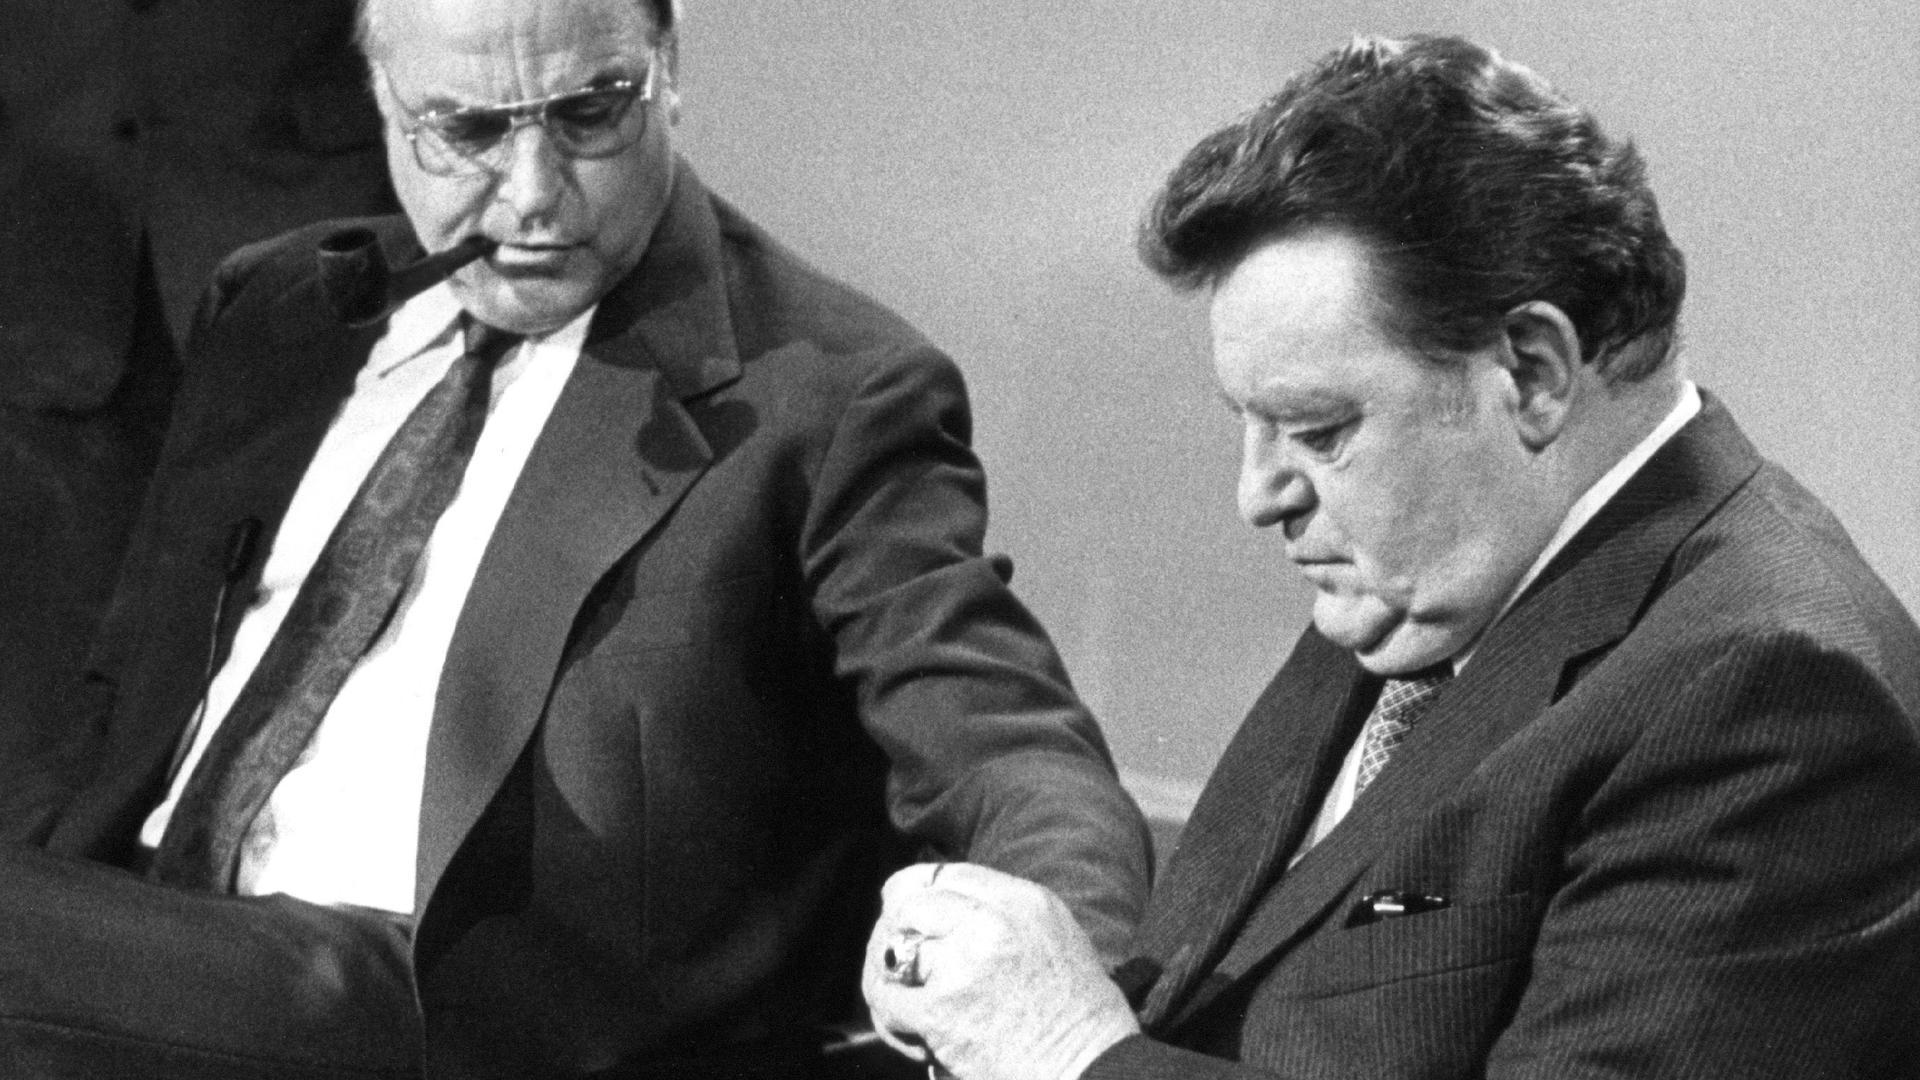 """ARCHIV - Der bayerische Ministerpräsident und Kanzlerkandidat der CDU/CSU, Franz Josef Strauß (r), und der CDU-Vorsitzende Helmut Kohl unterhalten sich kurz vor Beginn einer Gesprächsrunde der Parteivorsitzenden zum Wahlausgang in einem Bonner Fernsehstudio. Bei den Wahlen zum 9. Deutschen Bundestag am 5. Oktober 1980 wurde die Regierungskoalition aus SPD/FDP bestätigt. Sie erreichten 42,9 (SPD) und 10,6 (FDP) Prozent der Stimmen. Die CDU/CSU mußte Verluste hinnehmen und kam zusammen auf 44,5 Prozent. Der Mythos Strauß lebt auch 27 Jahre nach dem Tod des politischen Schwergewichts. Am Sonntag (6. September) wäre Strauß 100 Jahre alt geworden. Foto:Heinrich Sanden/dpa (zu dpa """" Verehrt und gehasst - Franz Josef Strauß wäre 100 geworden"""" vom 03.09.2015) +++ dpa-Bildfunk +++"""